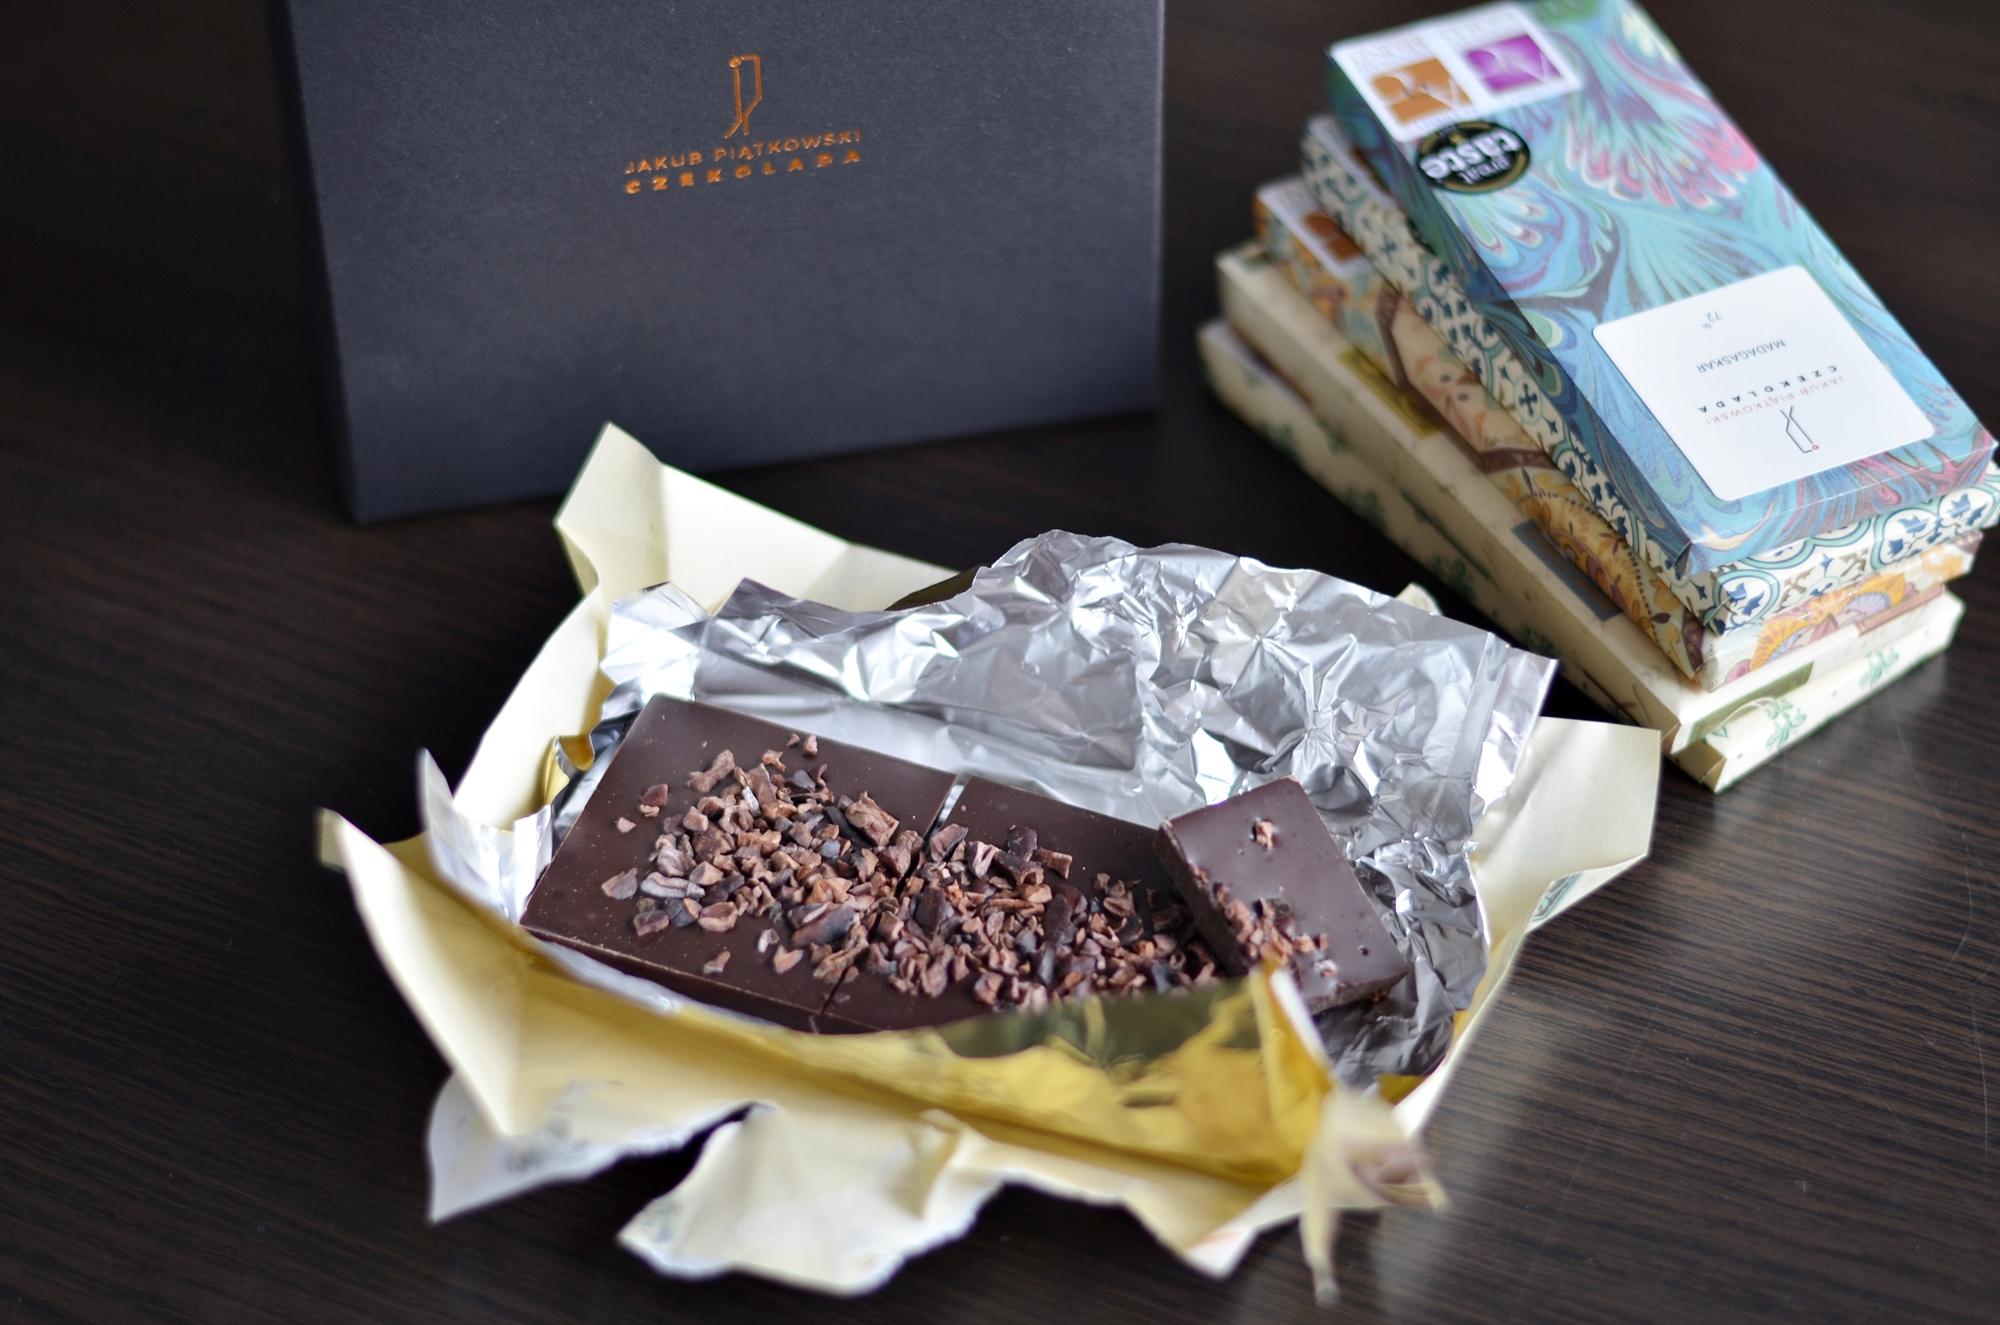 Wyjątkowa pracownia, prawdziwa czekolada. Jakub Piątkowski. (4)